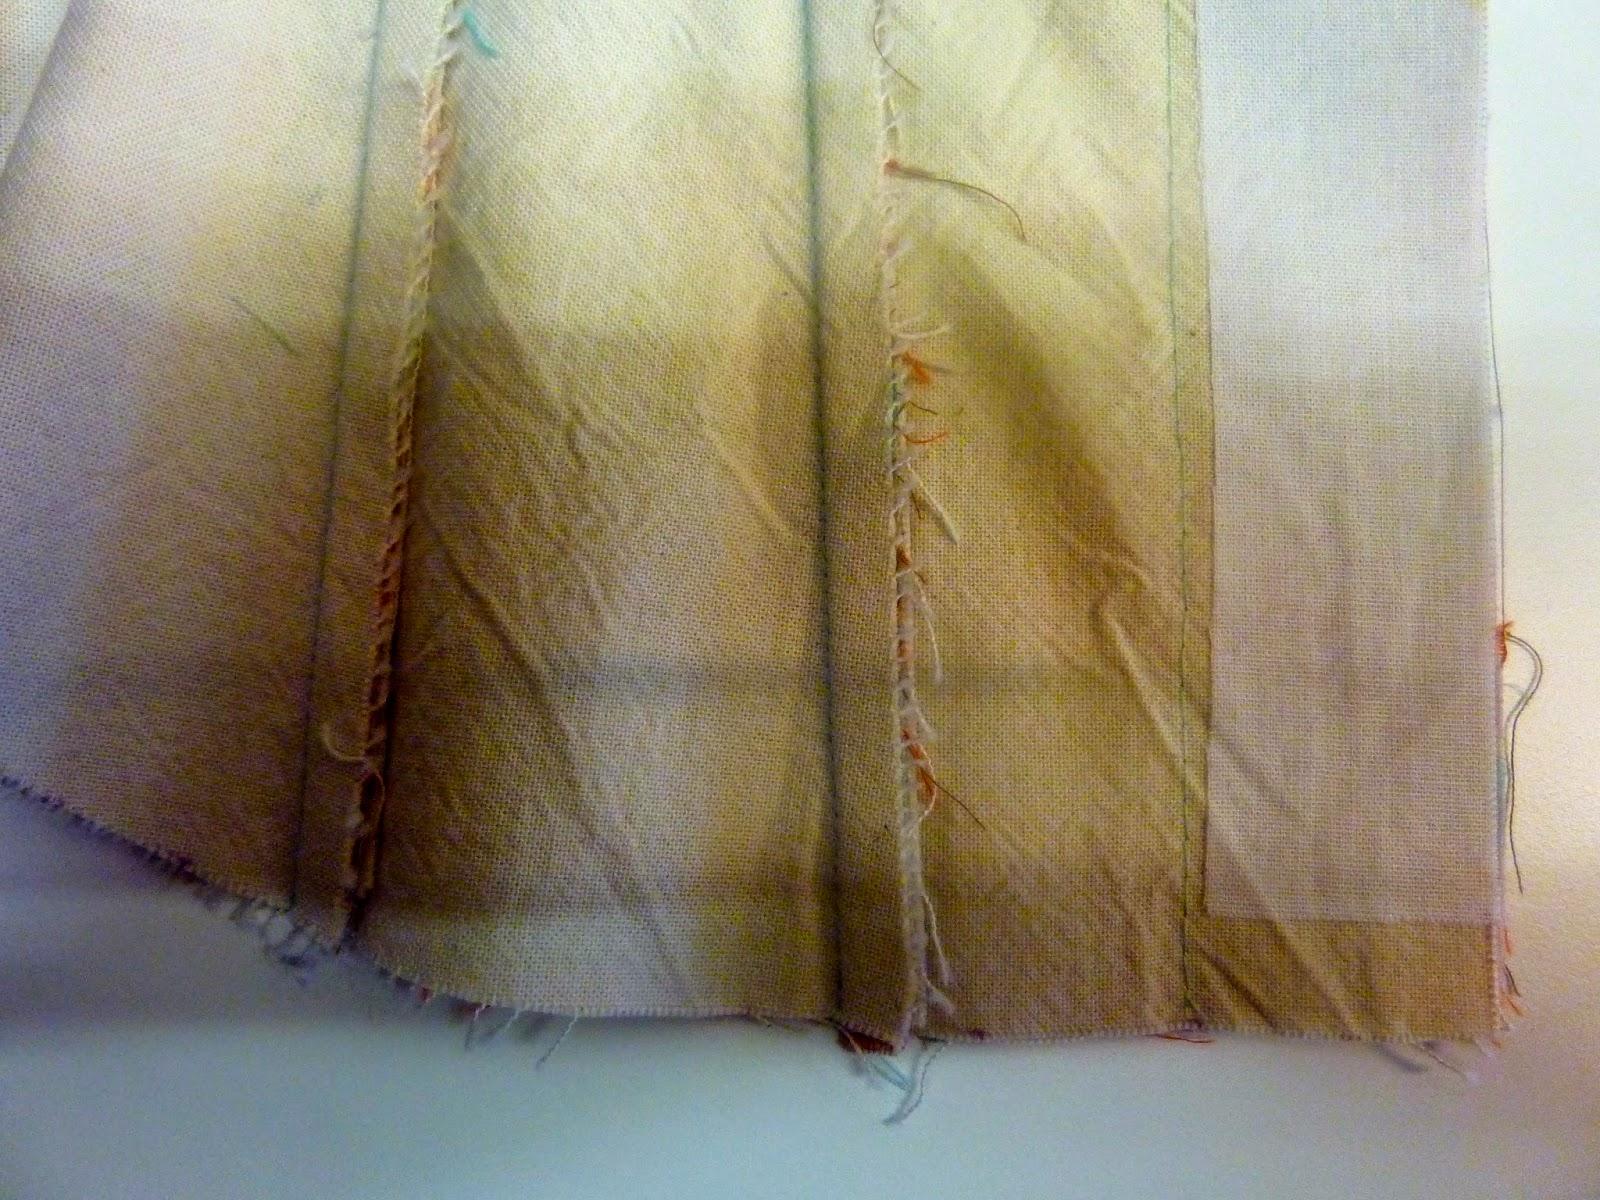 009e107beabaf2 Het corset bestaat uit drie lagen stof. De geruite buitenstof die ik  verstevigd heb met vlieseline. Een blauwe katoen die als voering dient.